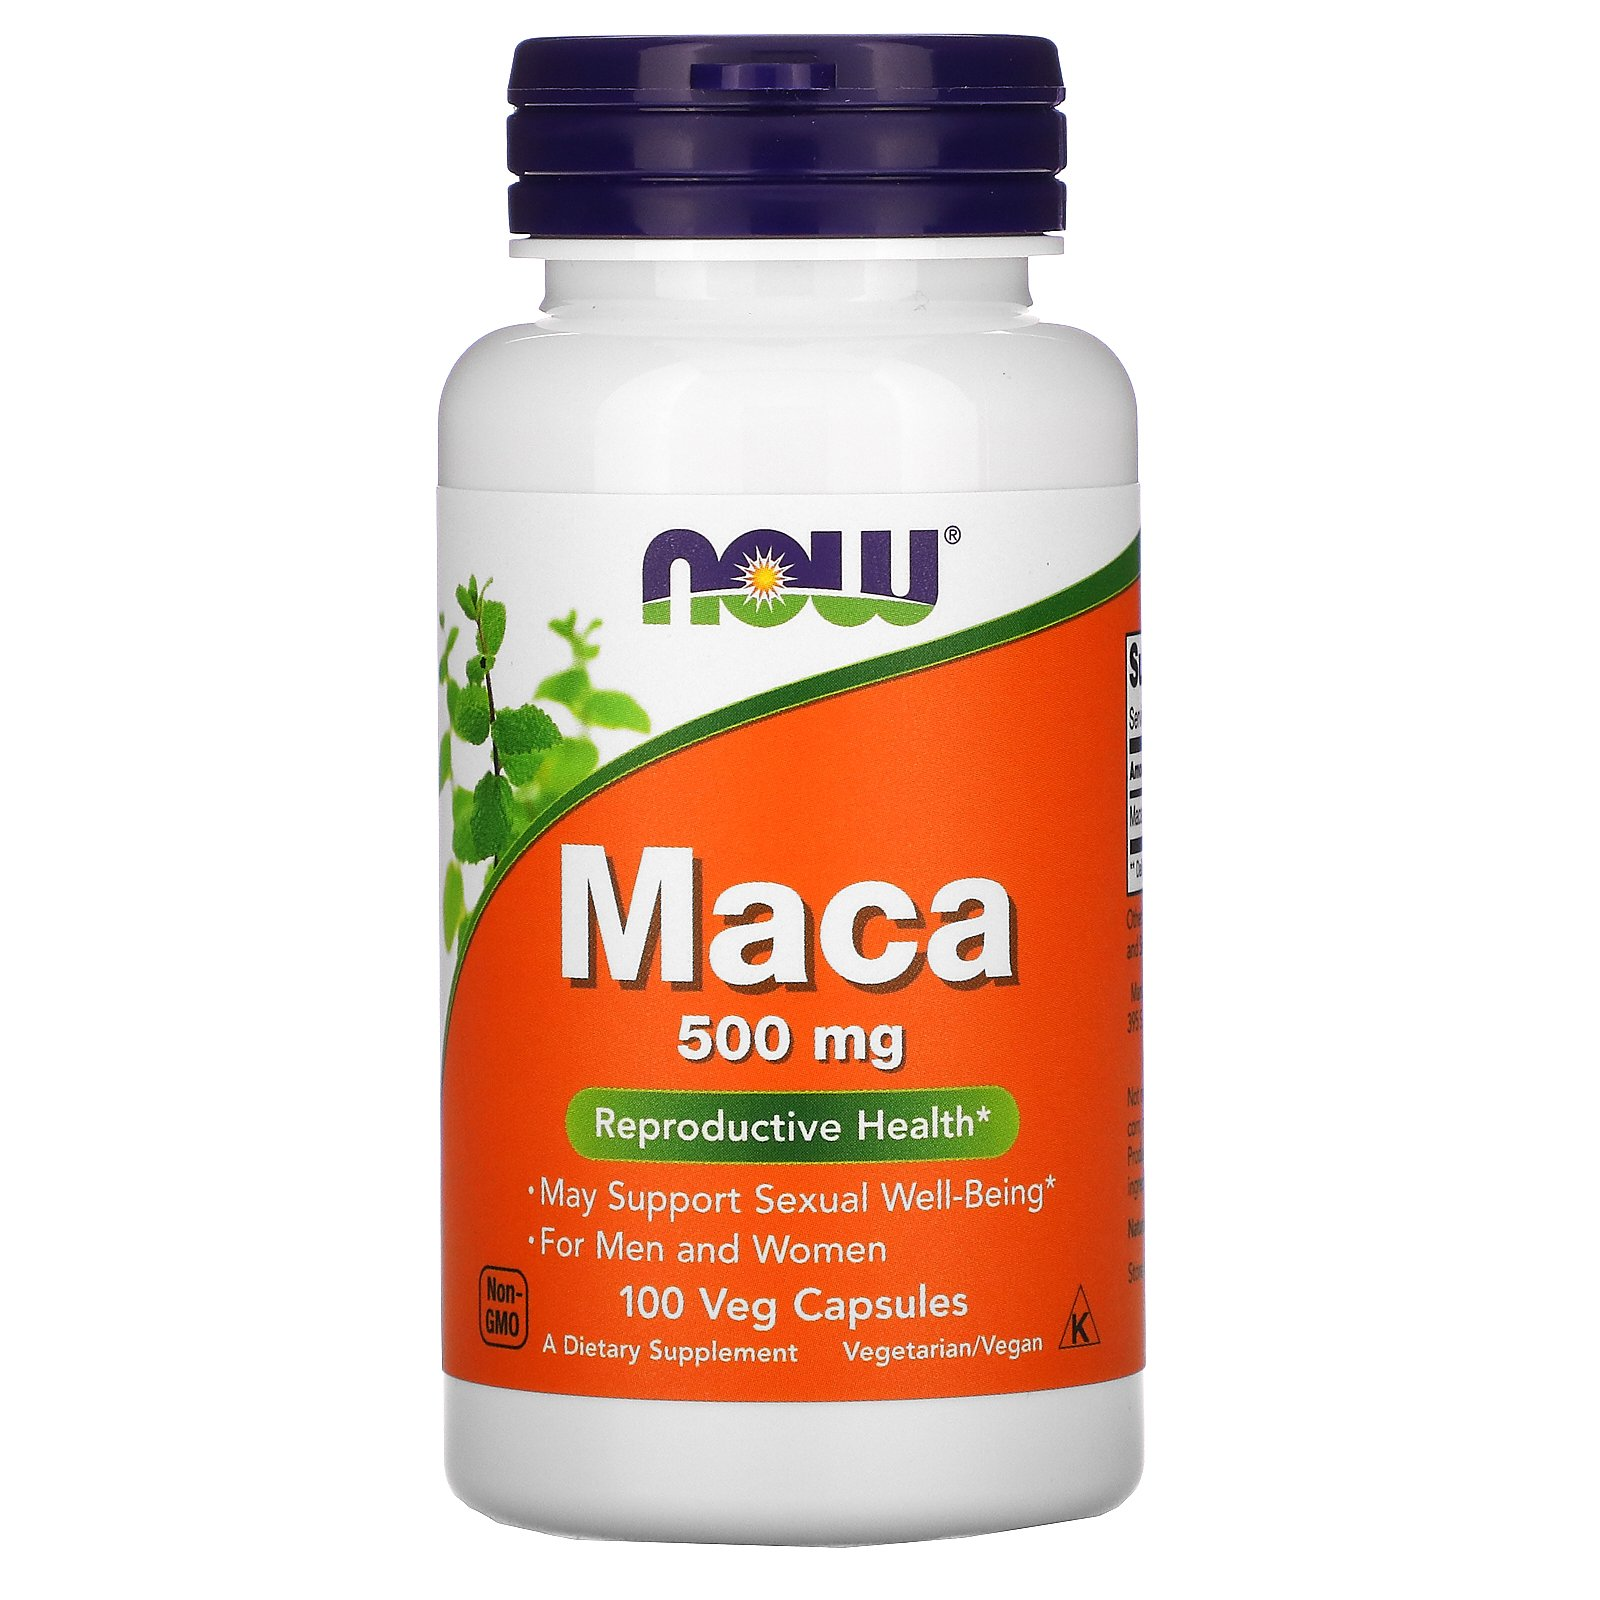 عشبة الماكا maca تجربتي مع الماكا عشبة الماكا عند العطار أفضل أنواع الماكا تجربتي مع الماكا للحمل اضرار حبوب ماكا عشبة الماكا في الاردن